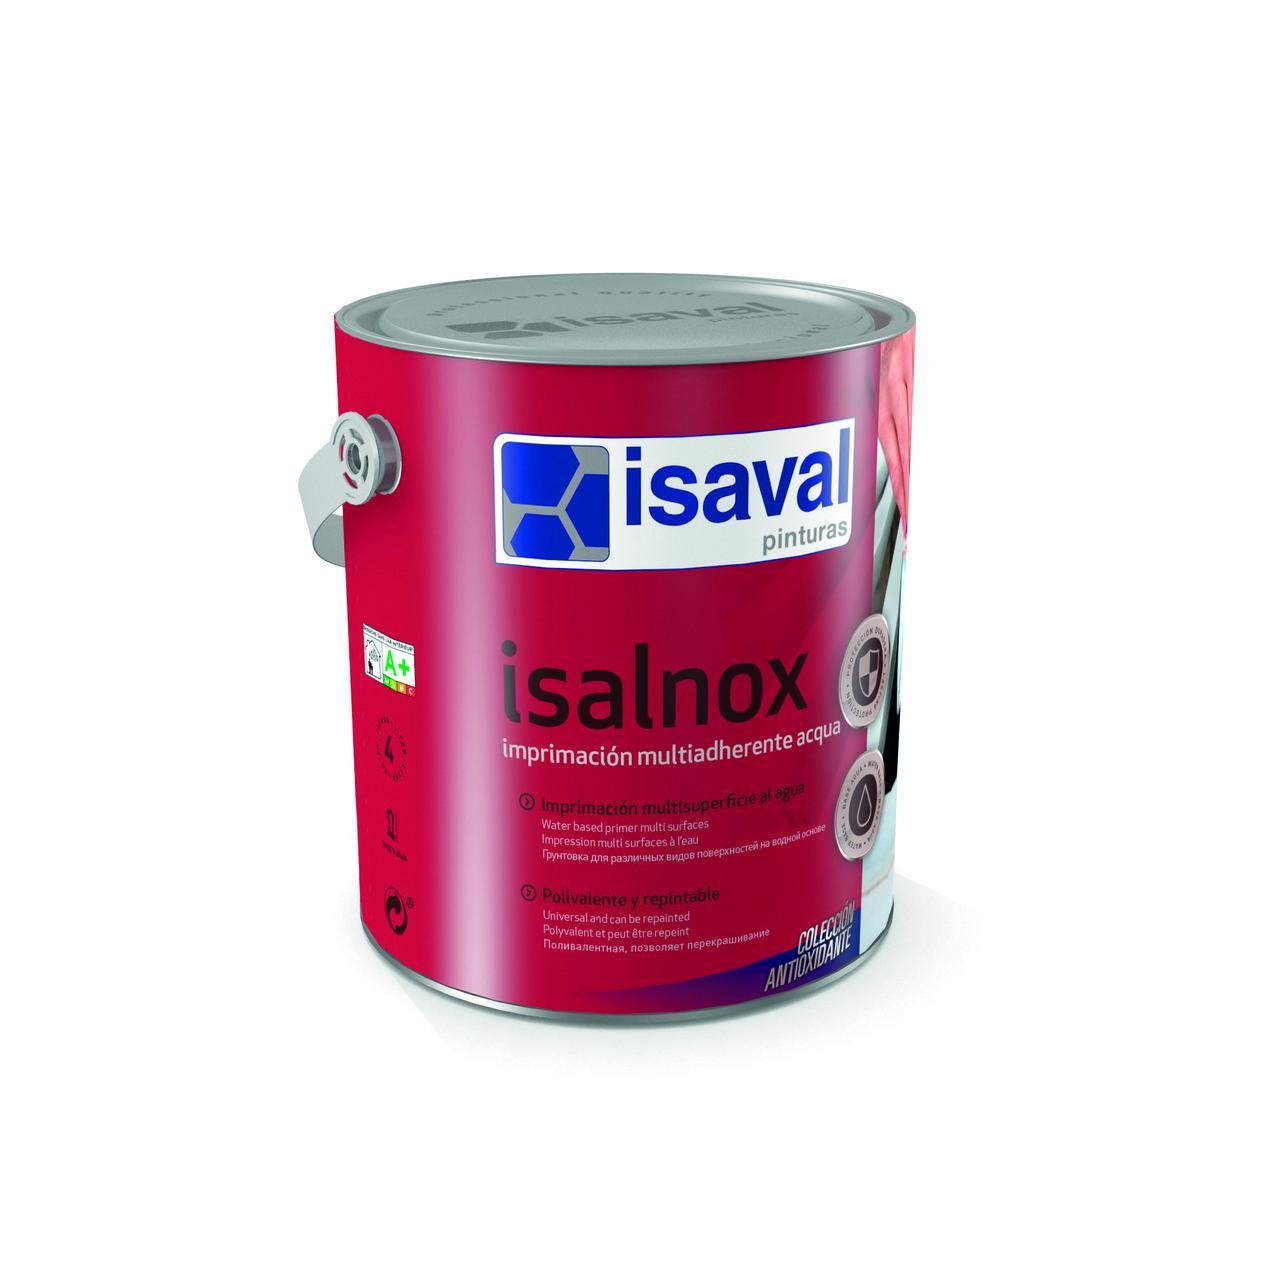 Універсальний акриловий мультіґрунт для різних поверхонь Ізалнокс Аква isaval 4л≈40м²/шар